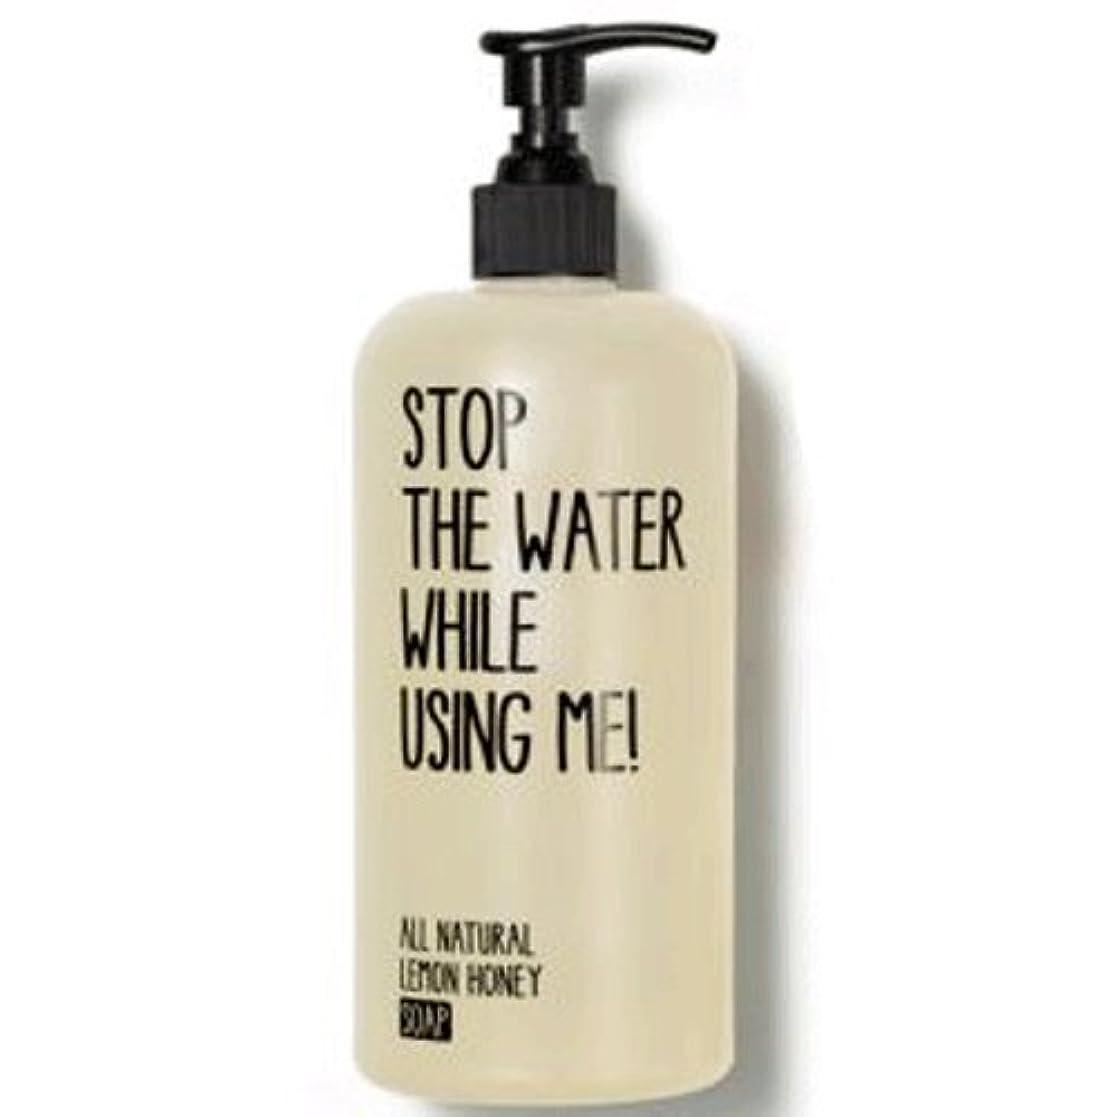 ユーモア拳免疫する【STOP THE WATER WHILE USING ME!】L&Hソープ(レモン&ハニー) 500ml [並行輸入品]